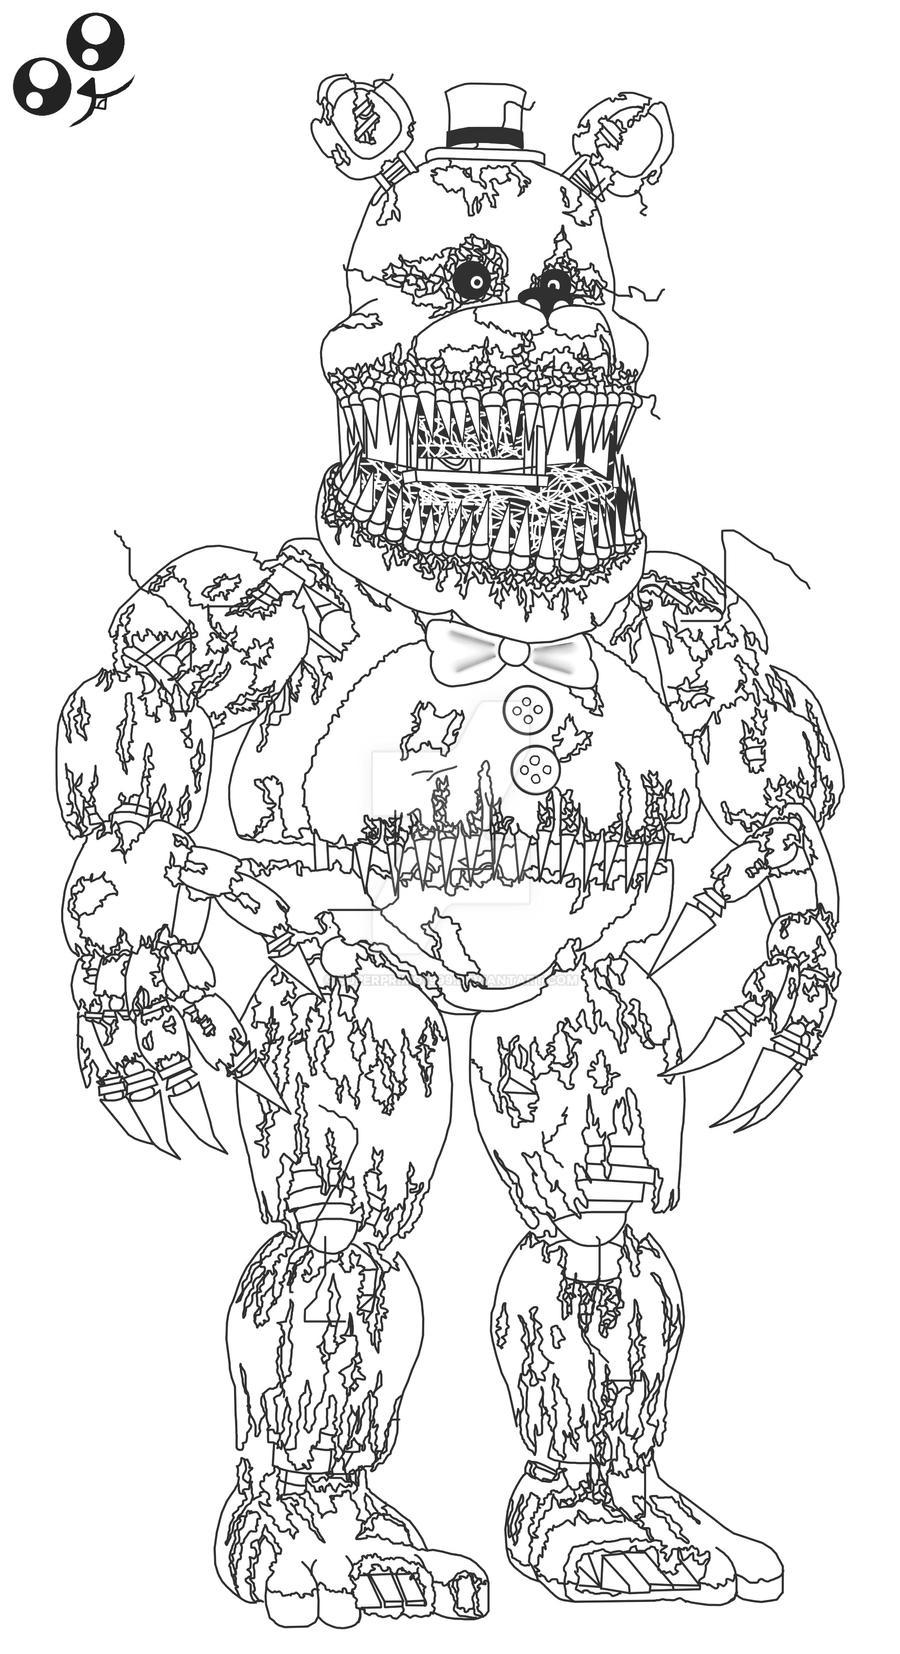 fnaf coloring pages nightmare nightmare fredbear fnaf4 by superprimo1999 on deviantart